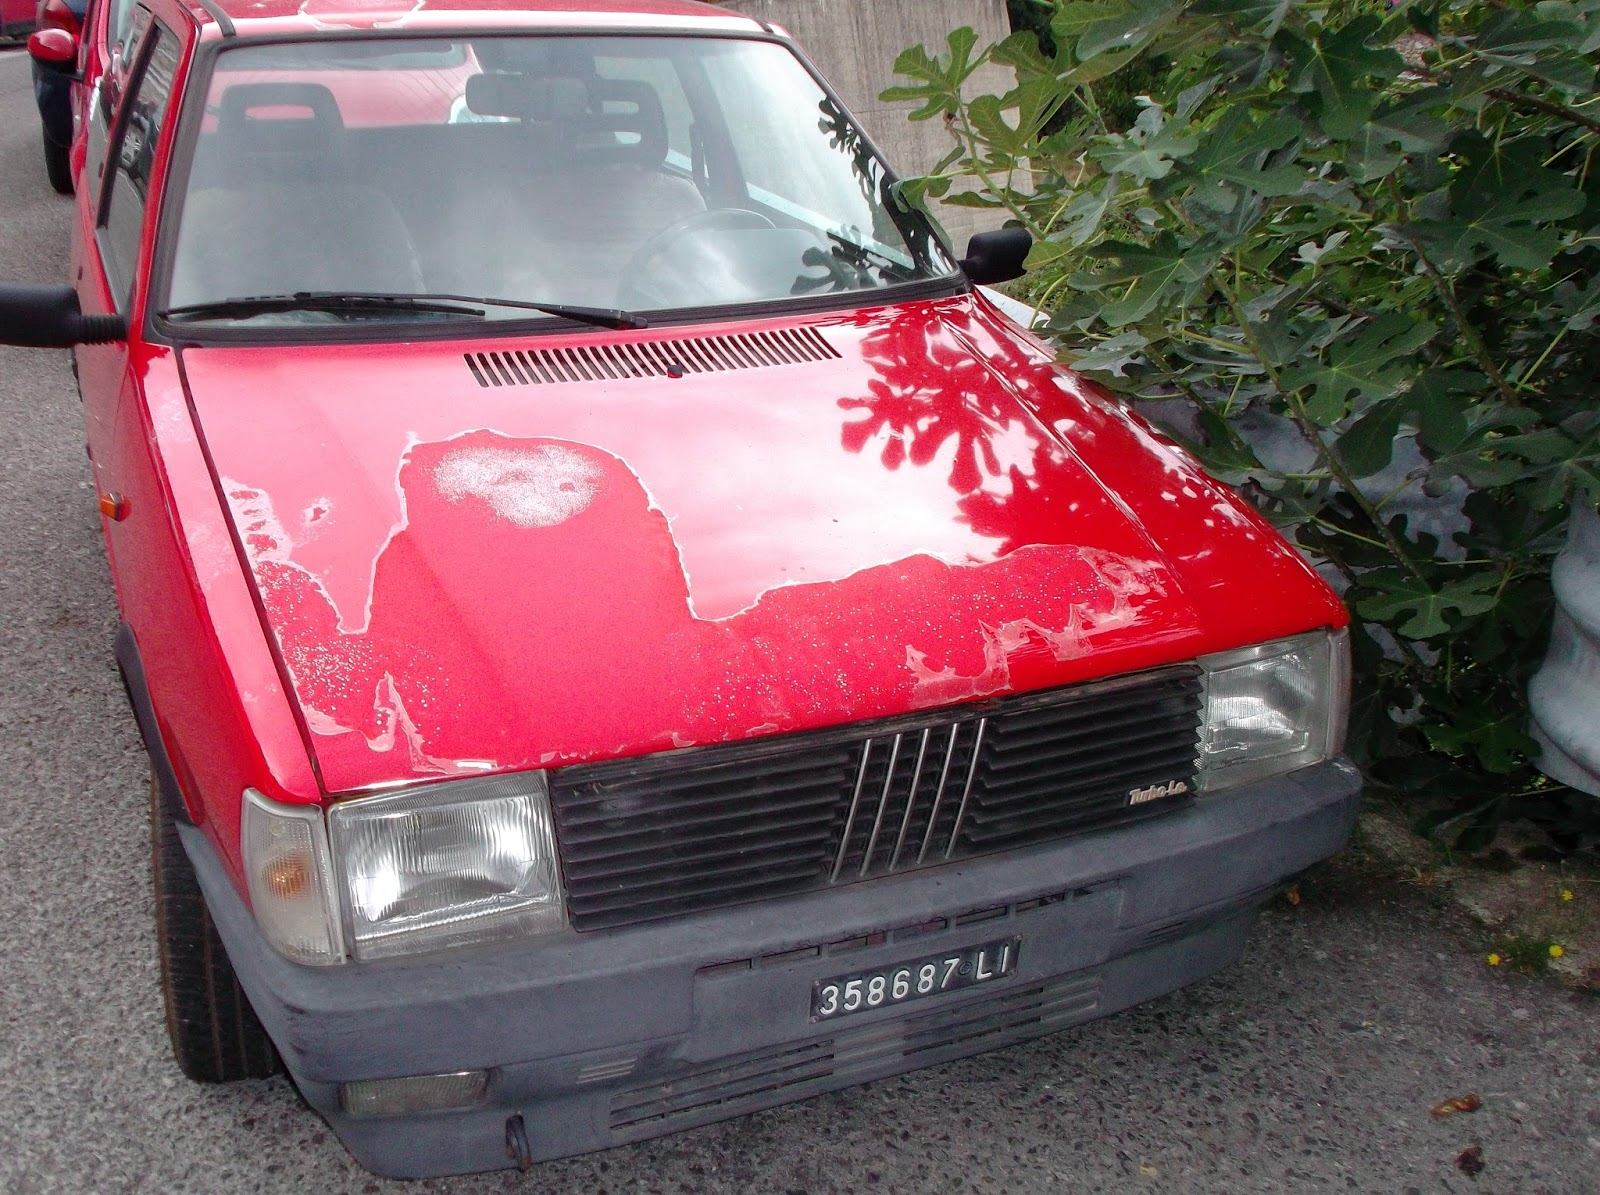 treggia's blog: vecchie auto a firenze: una uno turbo elbana e un